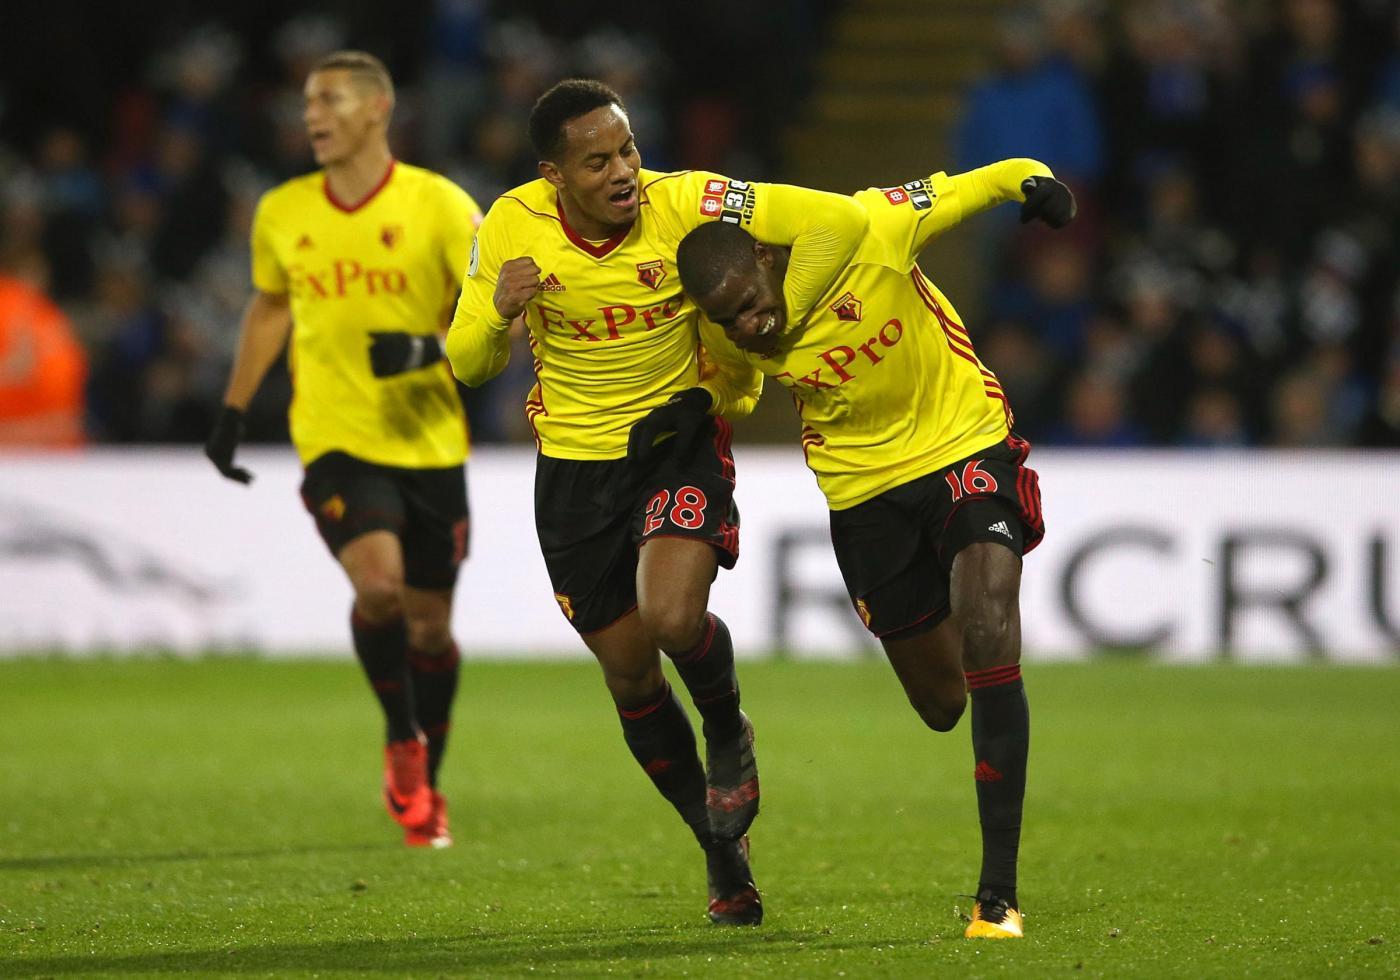 Watford-Swansea, il pronostico di EFL Cup Inghilterra: locali che cercano rivalsa in coppa